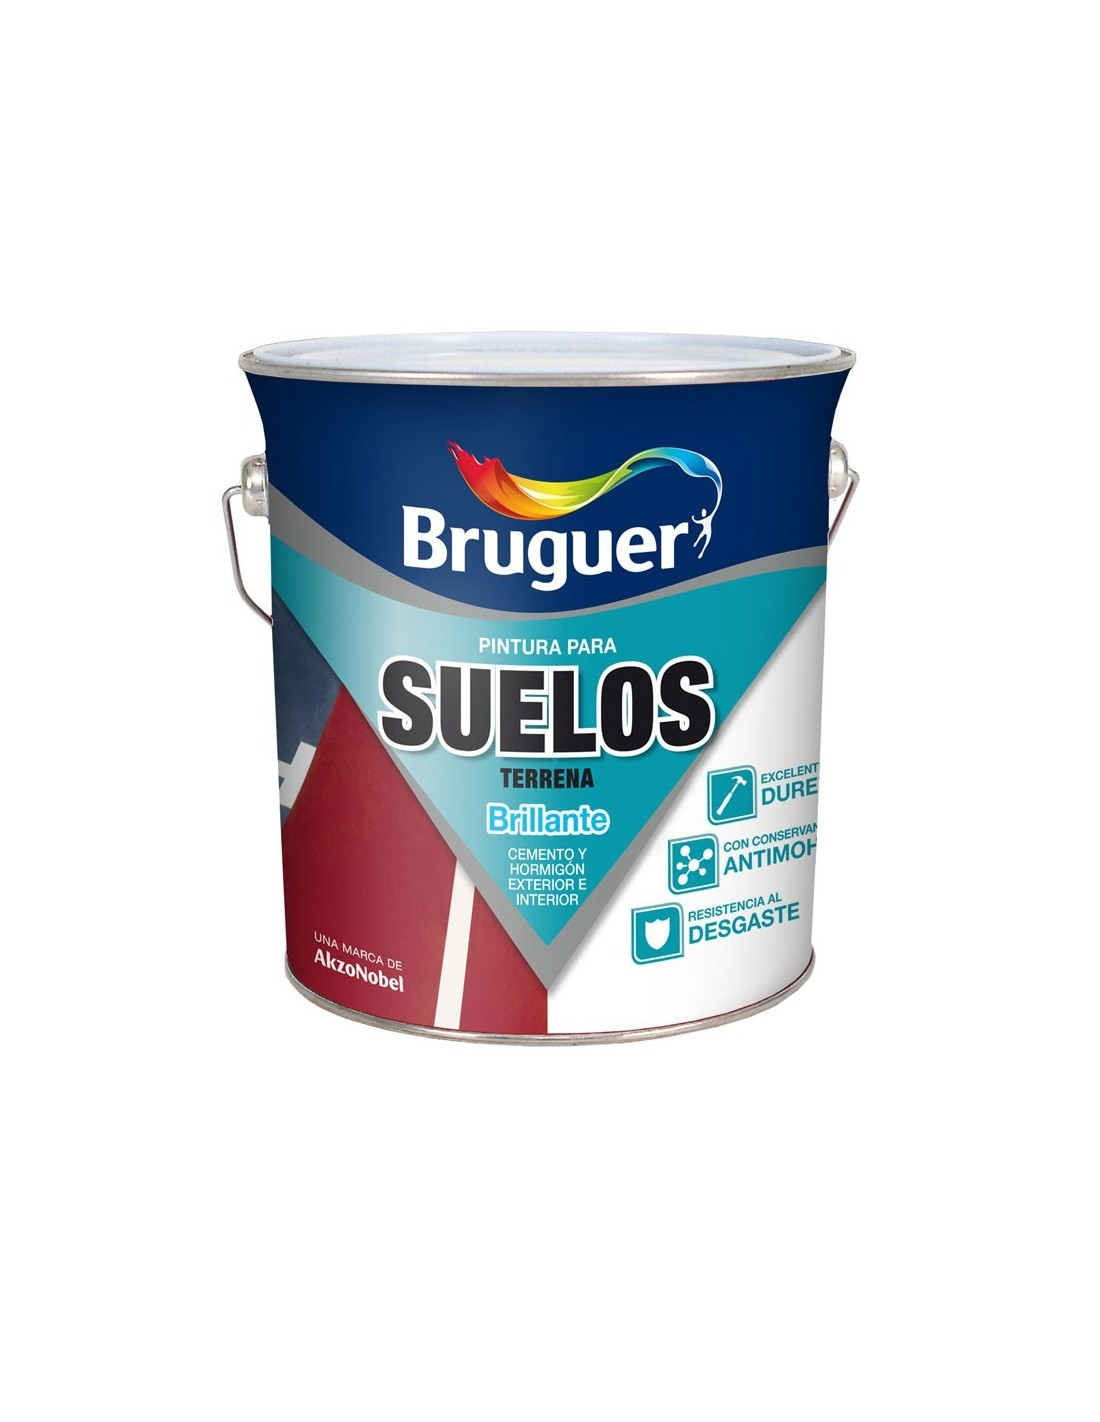 Bruguer pintura para suelos terrena pinturas m laga sol - Pintura para suelos exterior ...